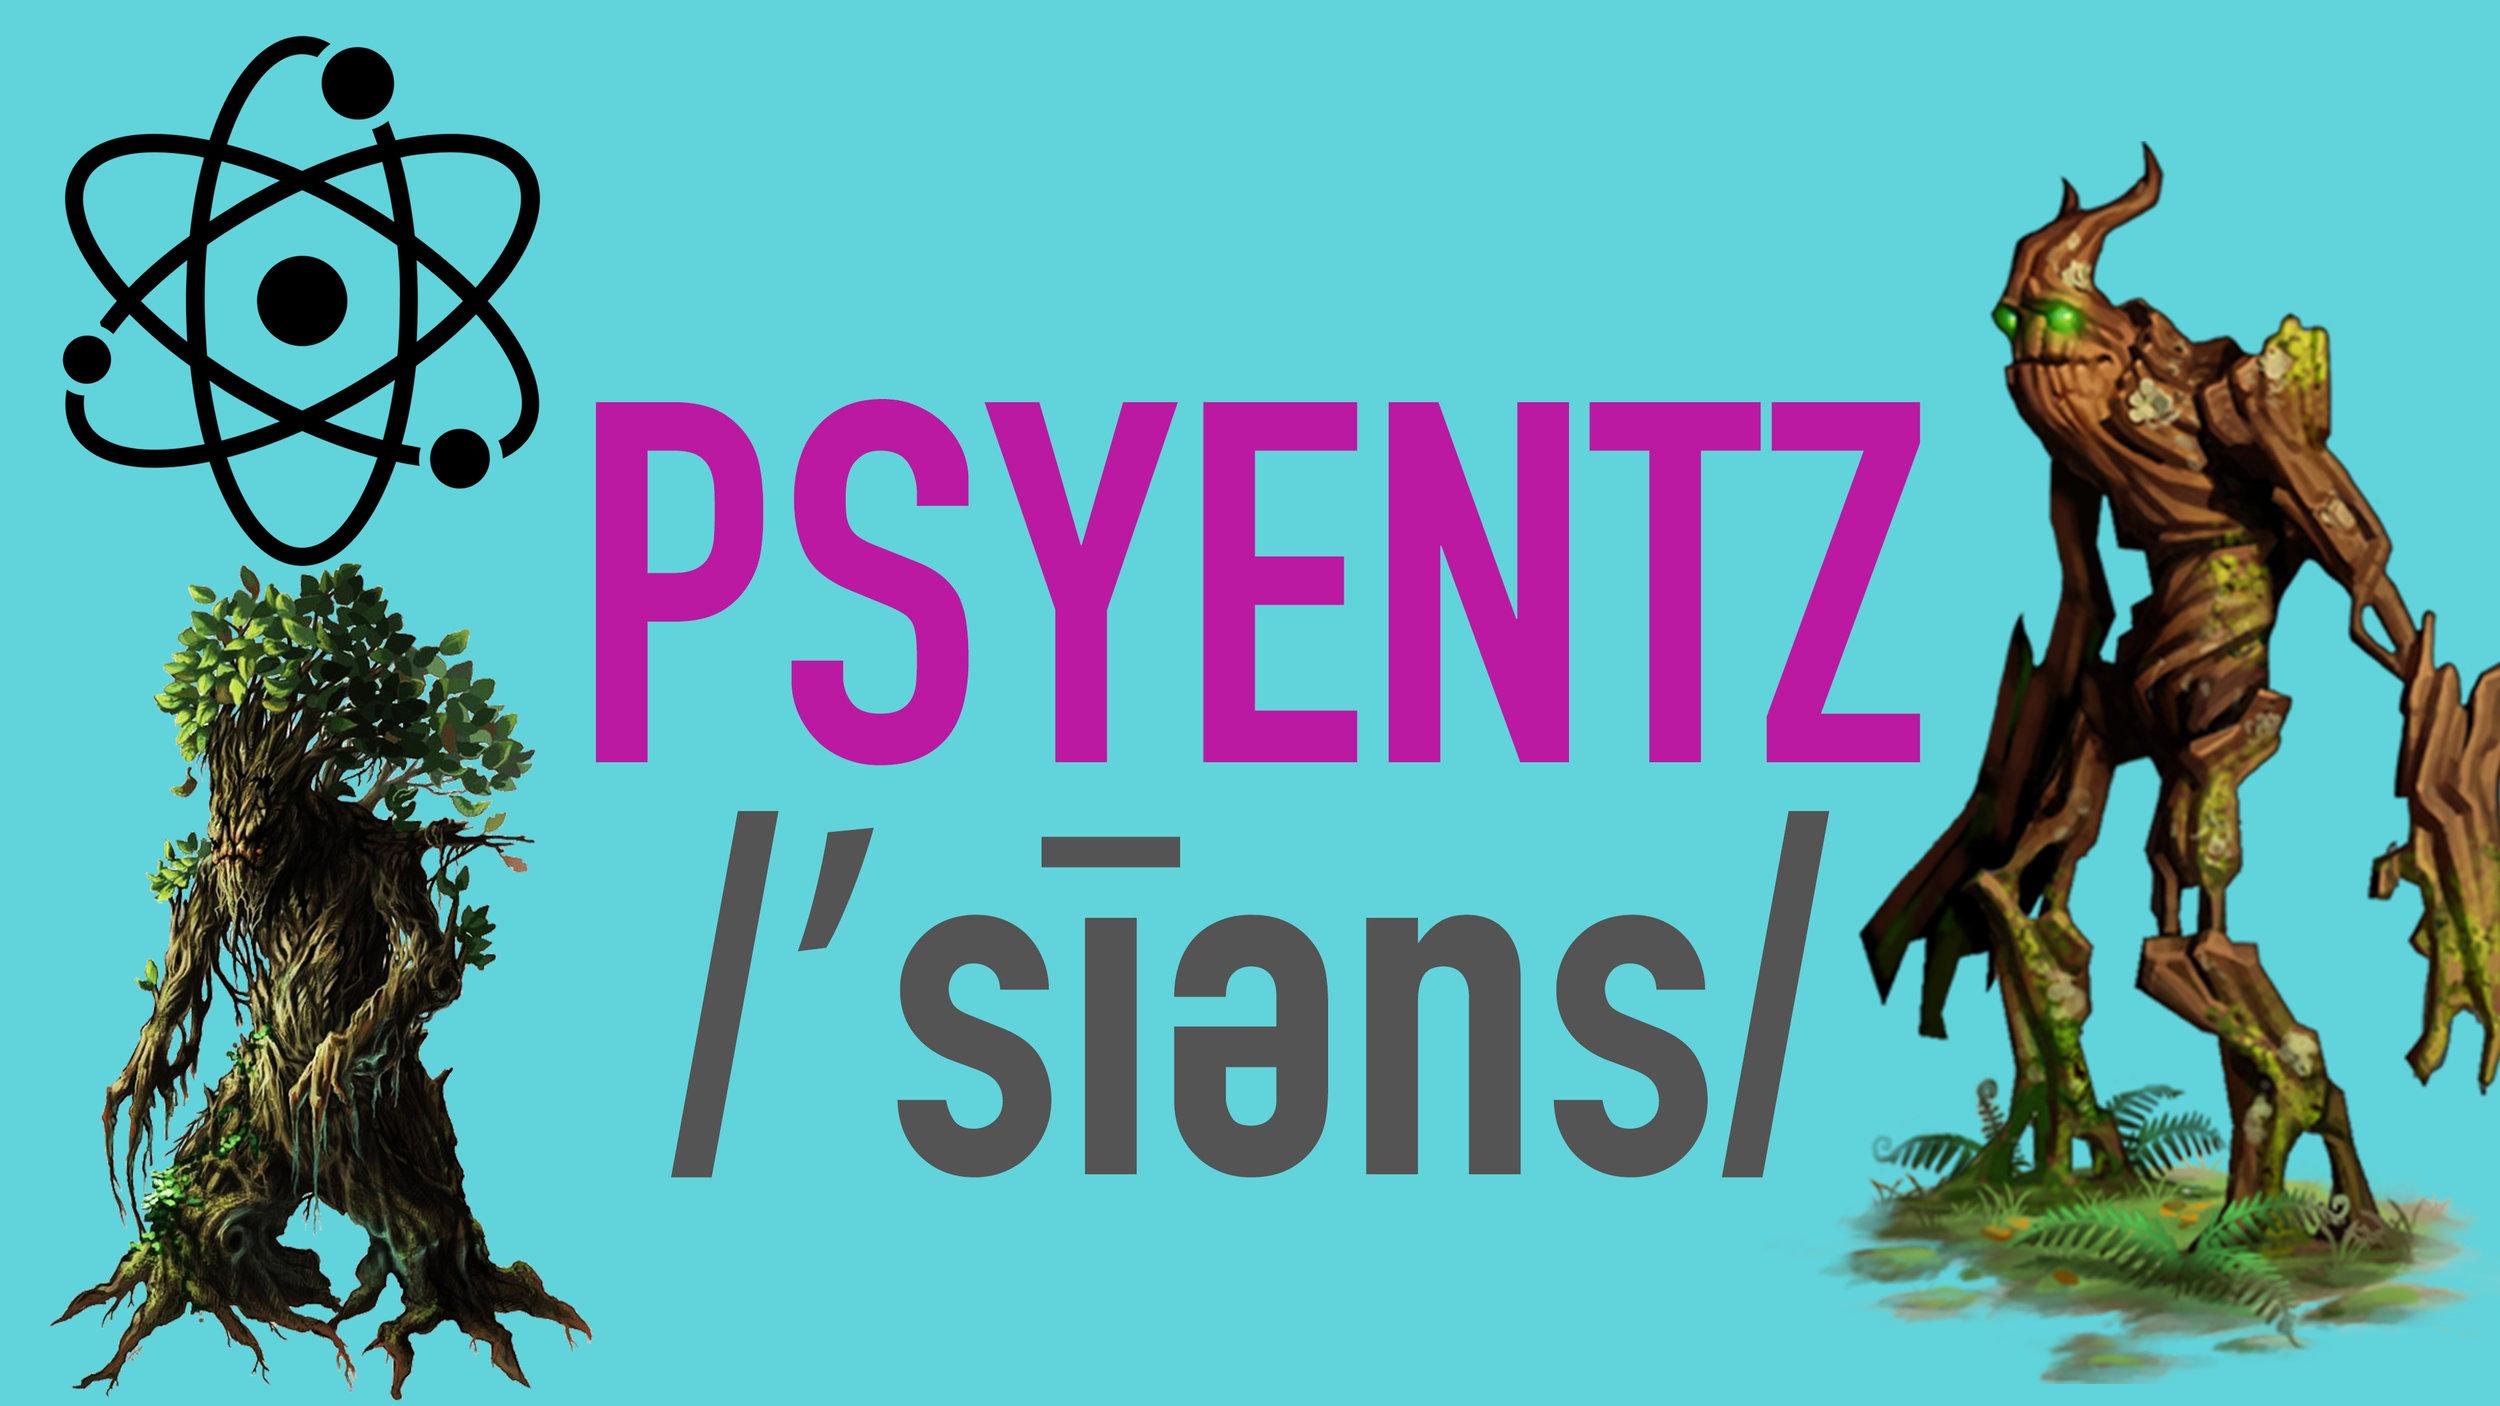 PSYENTZ